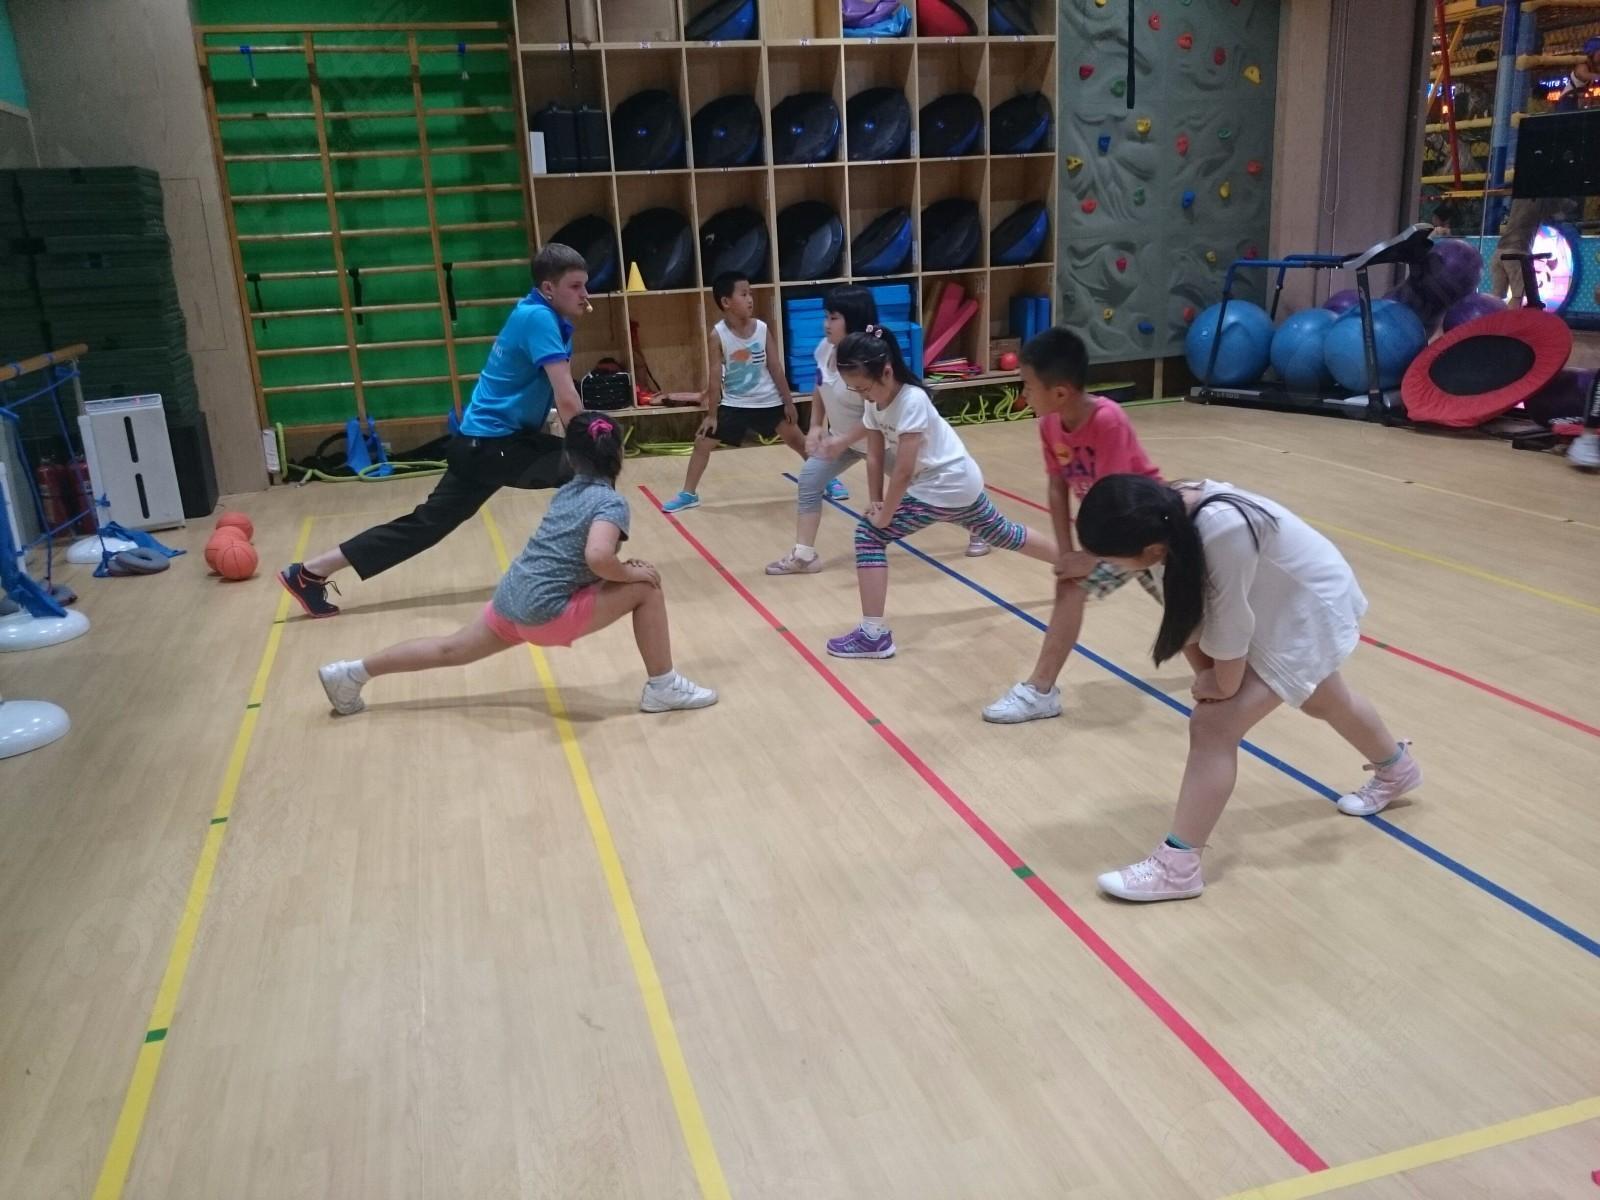 有氧运动后期的缓和),肌肉训练及缓和运动(包含地板运动)等内容,儿童